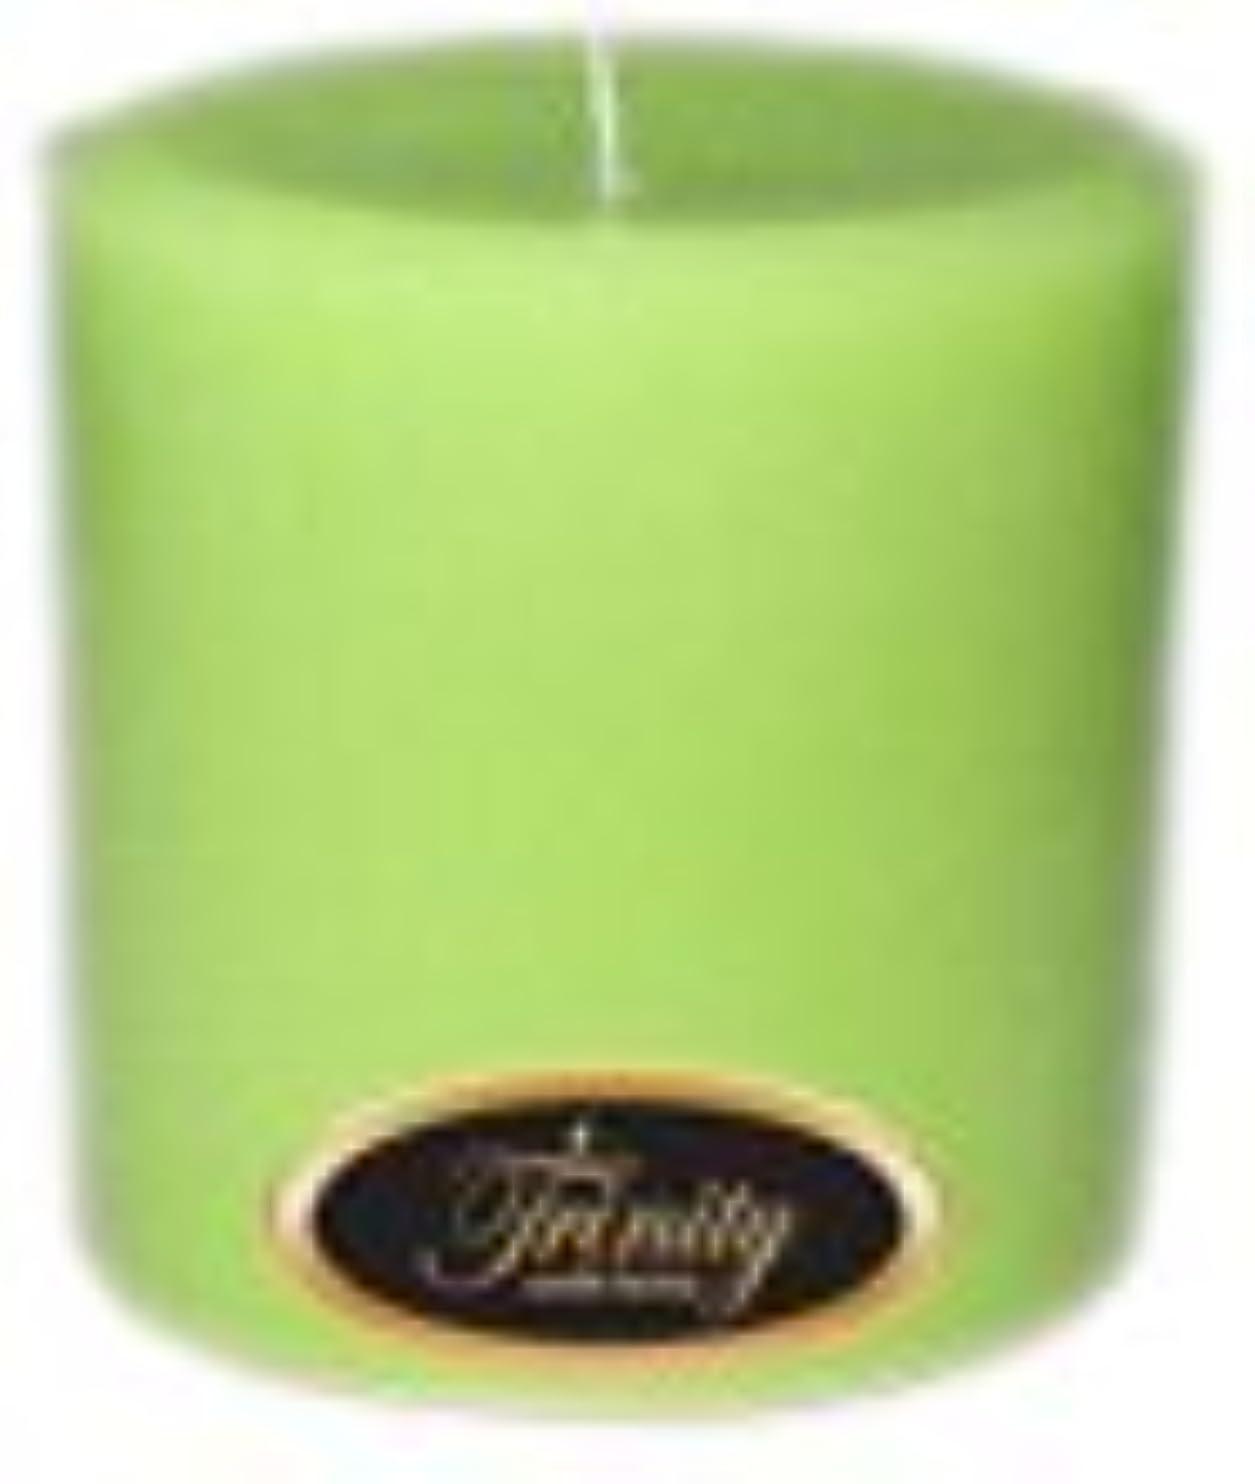 ワゴン不機嫌Trinity Candle工場 – モロッコメロン – Pillar Candle – 4 x 4